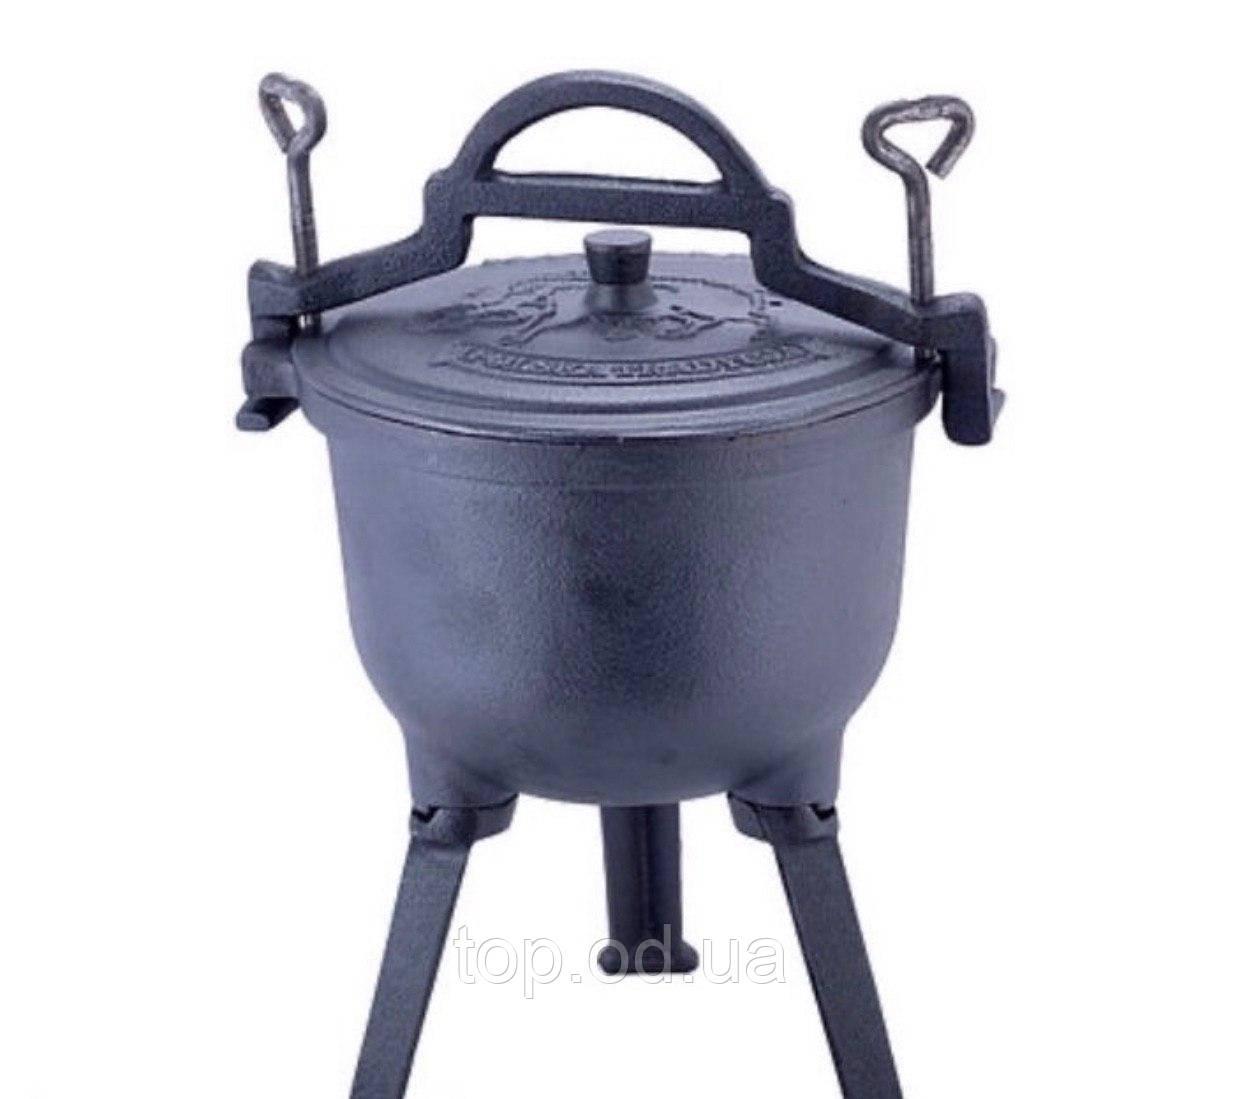 Казан,котелок чугунный 15 литров на ножках с крышкой Kamille